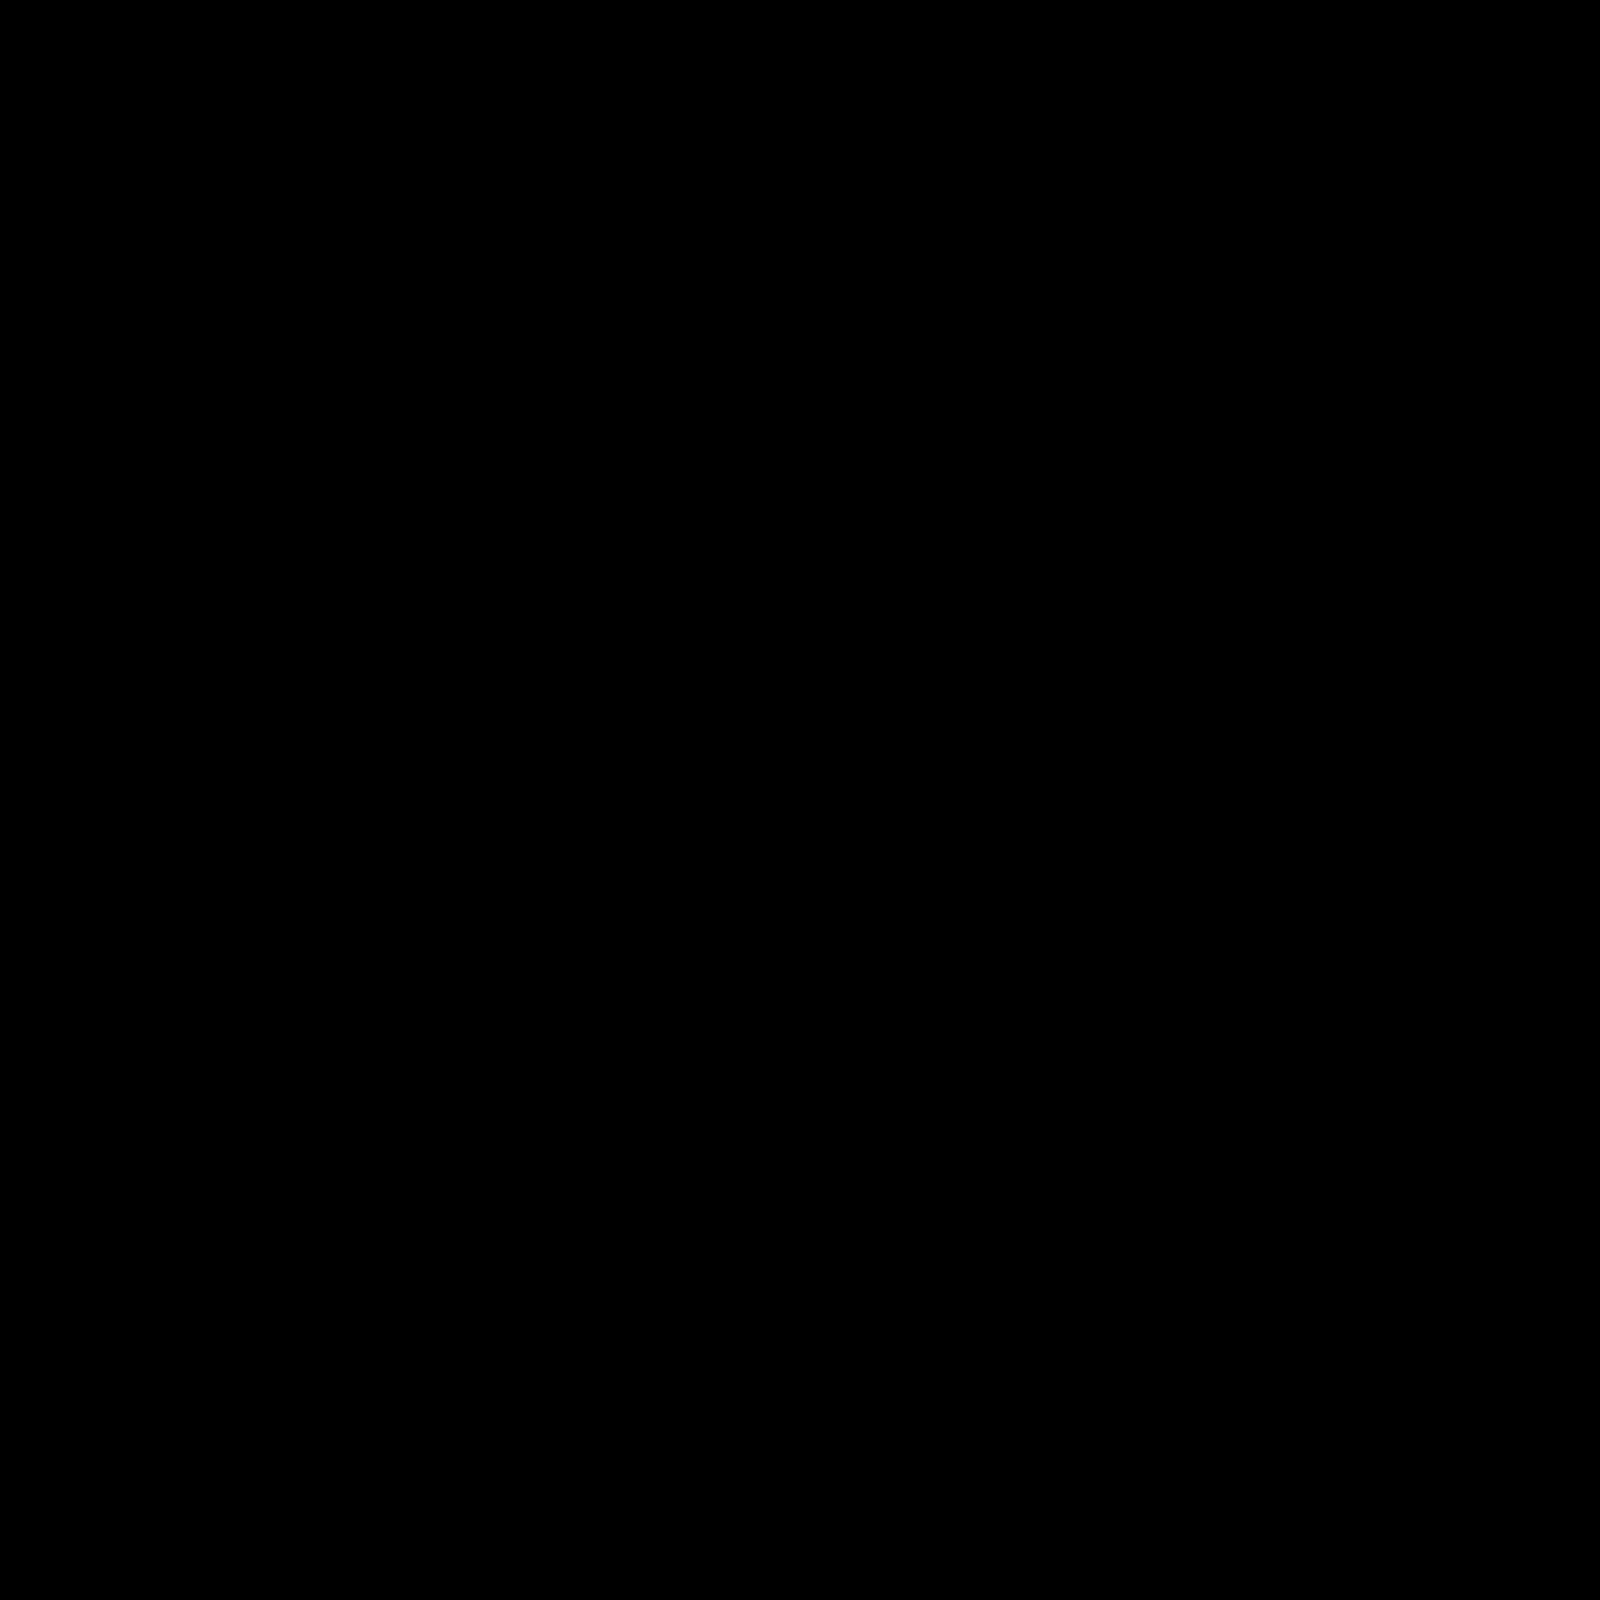 best symbol socket. Plug clipart vector